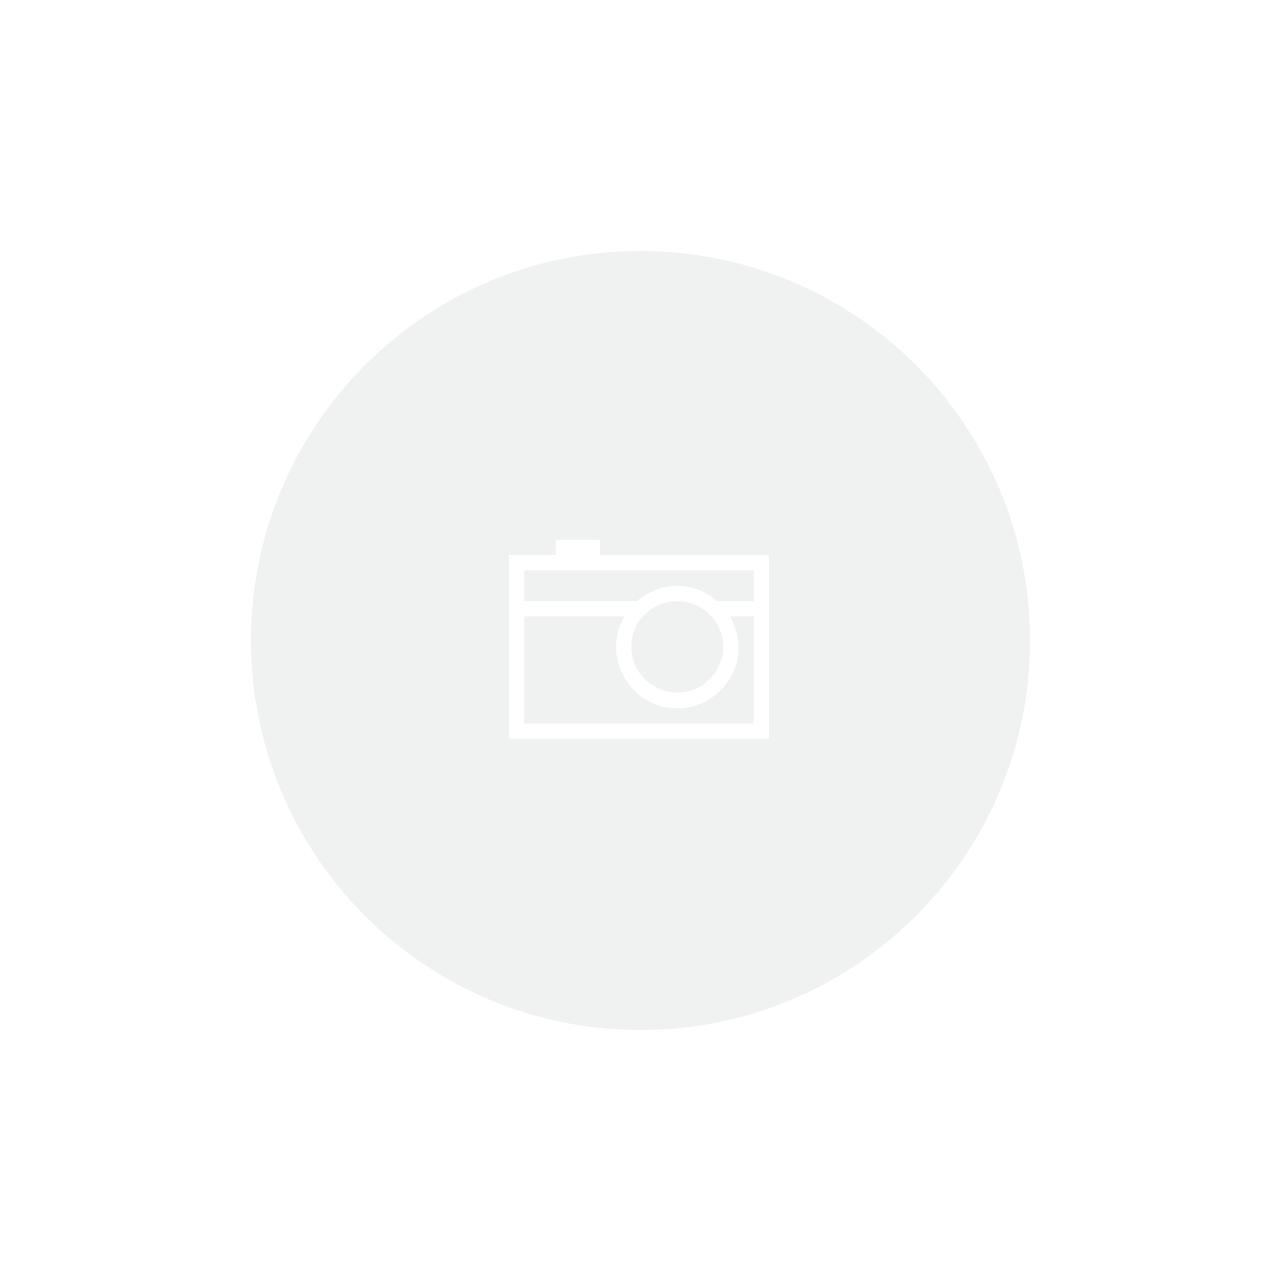 Sandália rasteira linda com flor em camurça de cabra